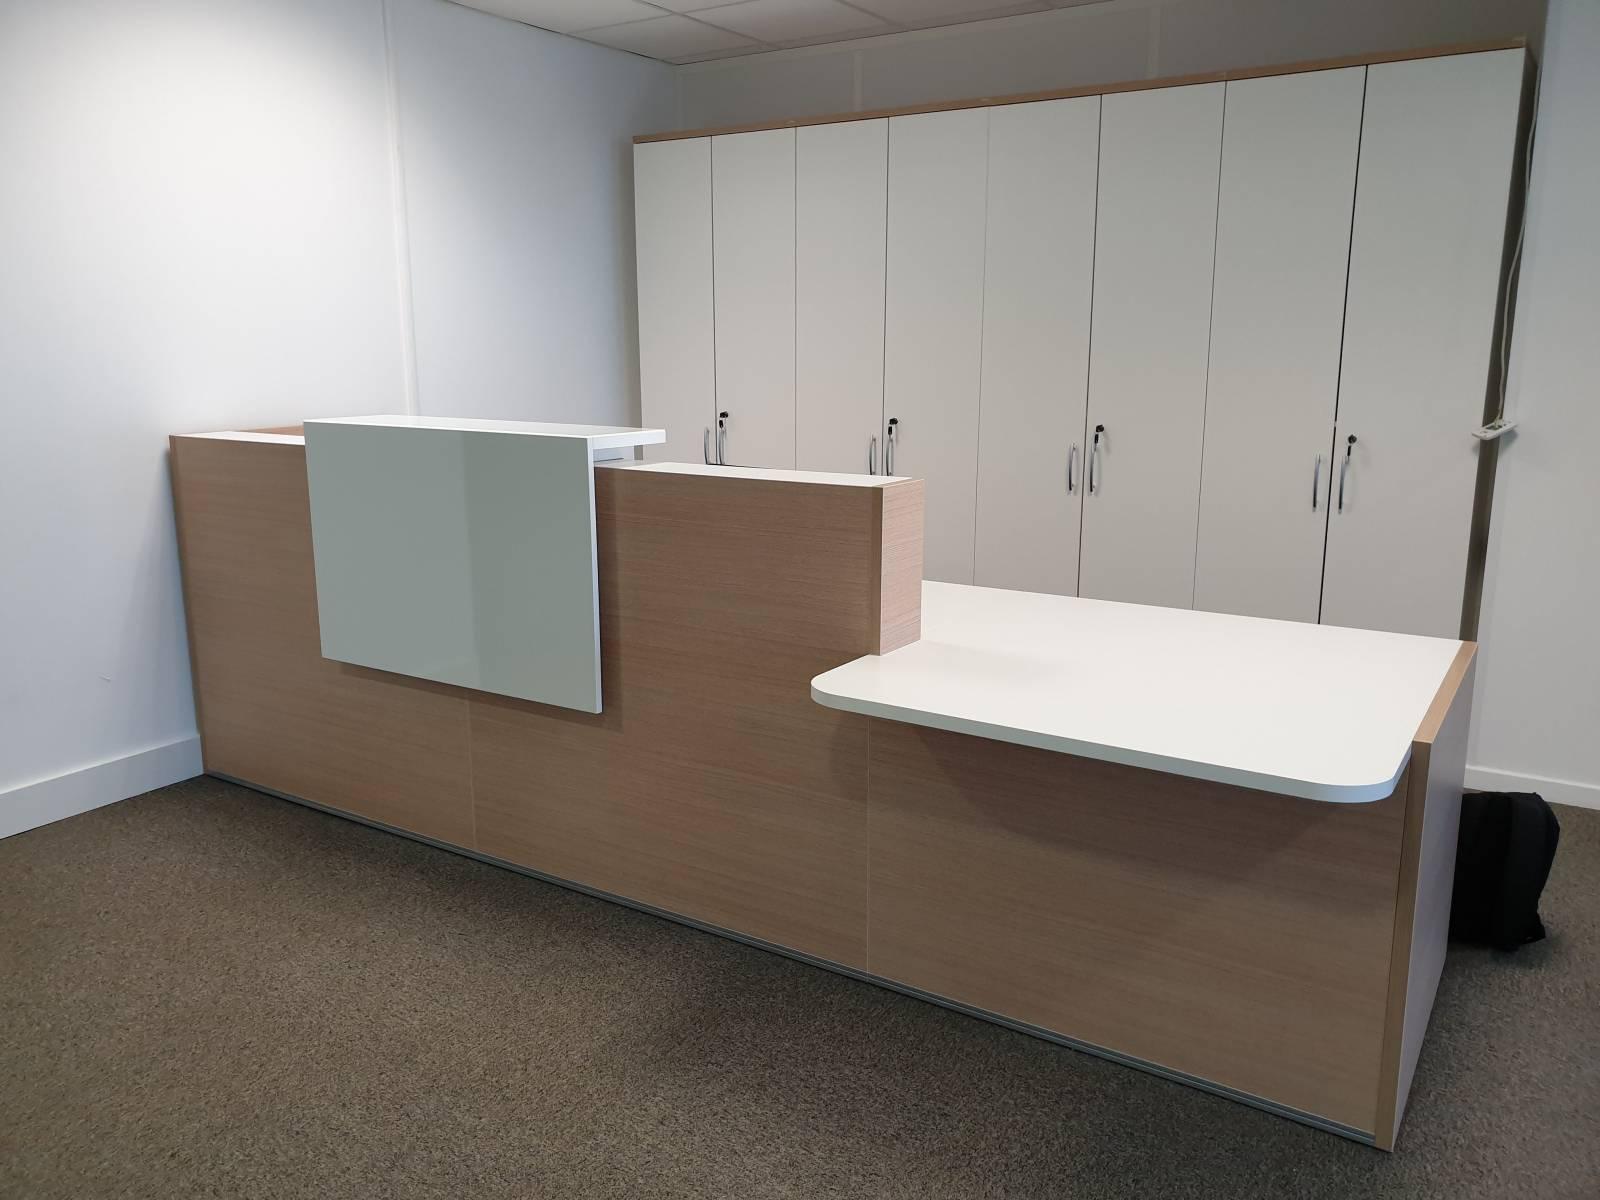 Banque d'accueil avec module PMR, armoires hautes de rangement sur Marseille